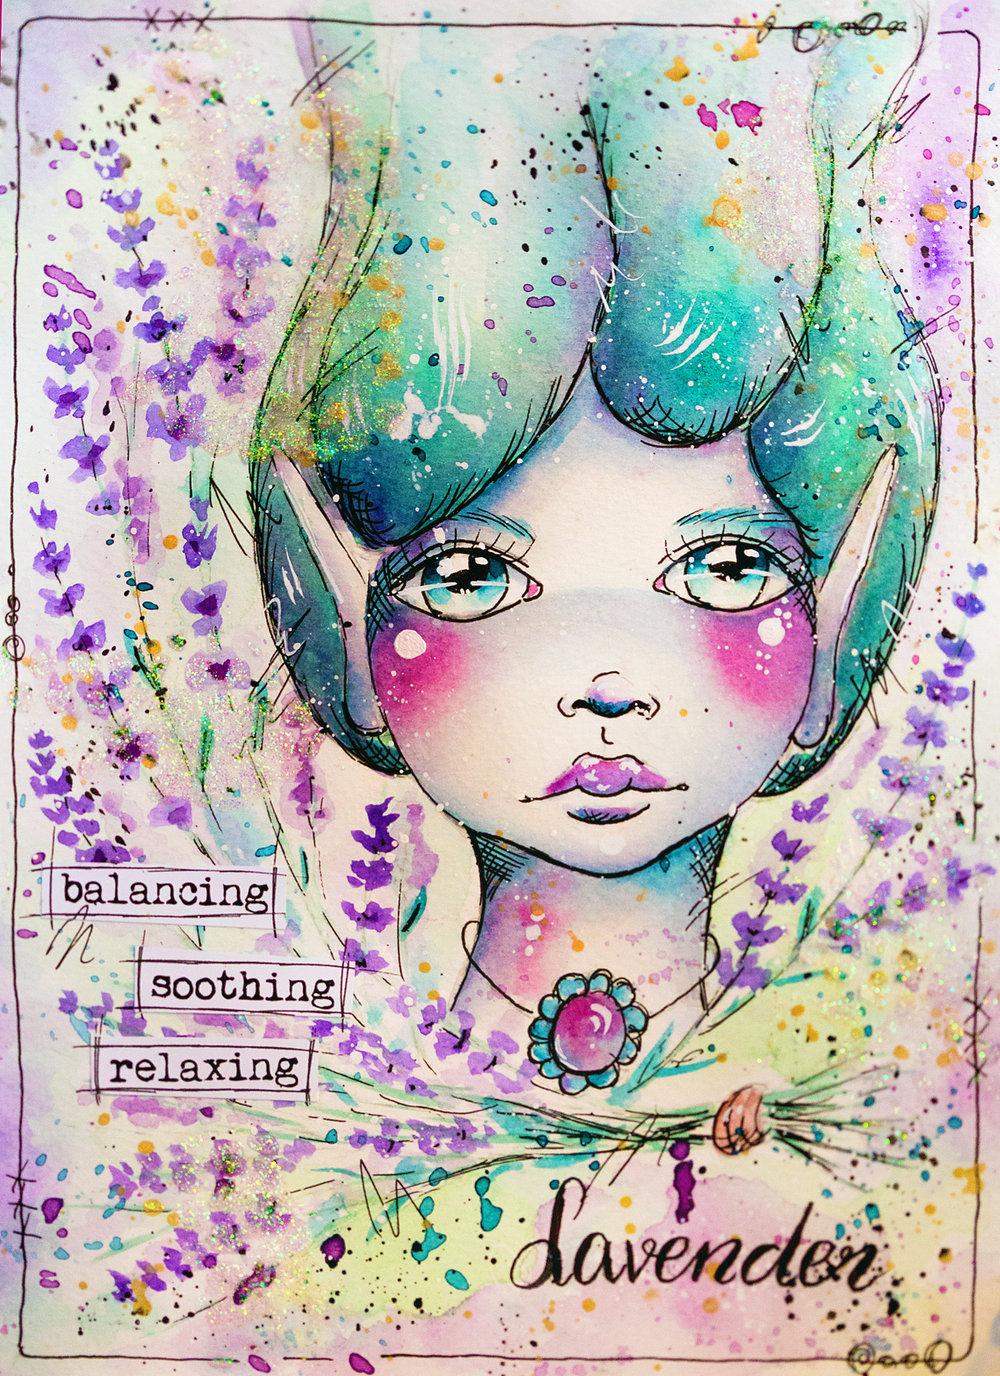 Art is Magic presents the Creative Retreat- Andrea Gomoll